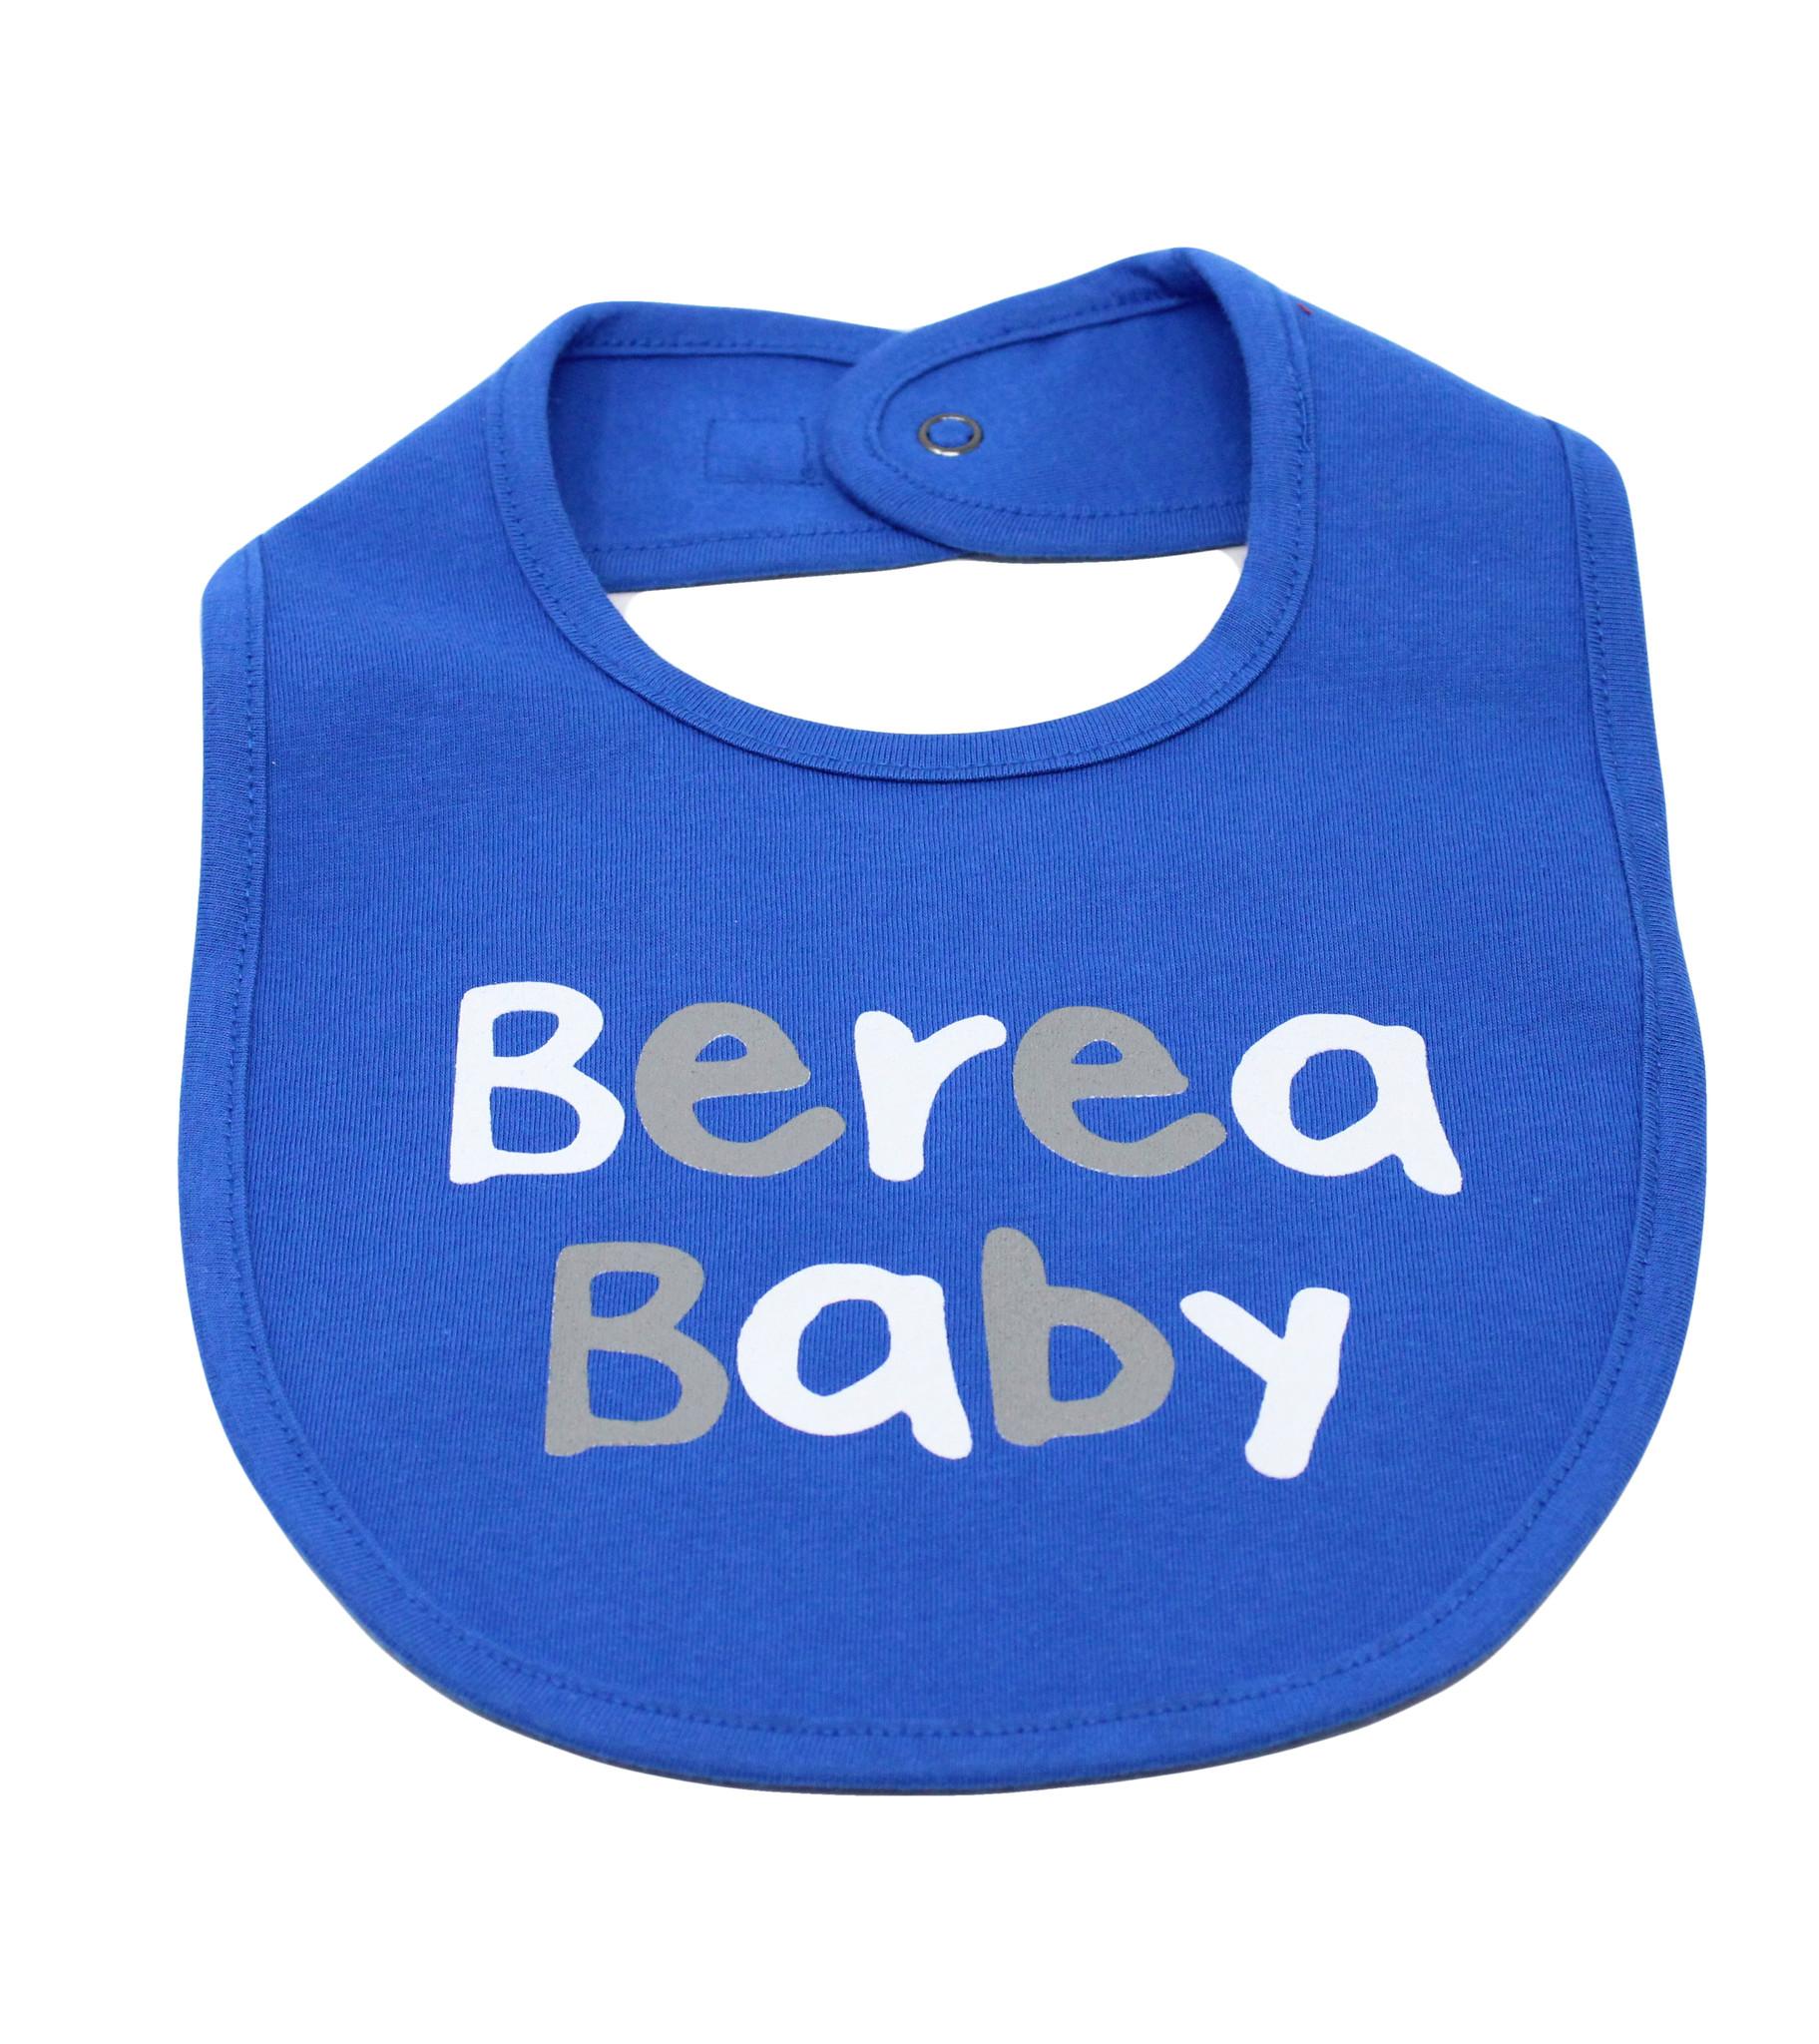 Berea Baby Bib-1